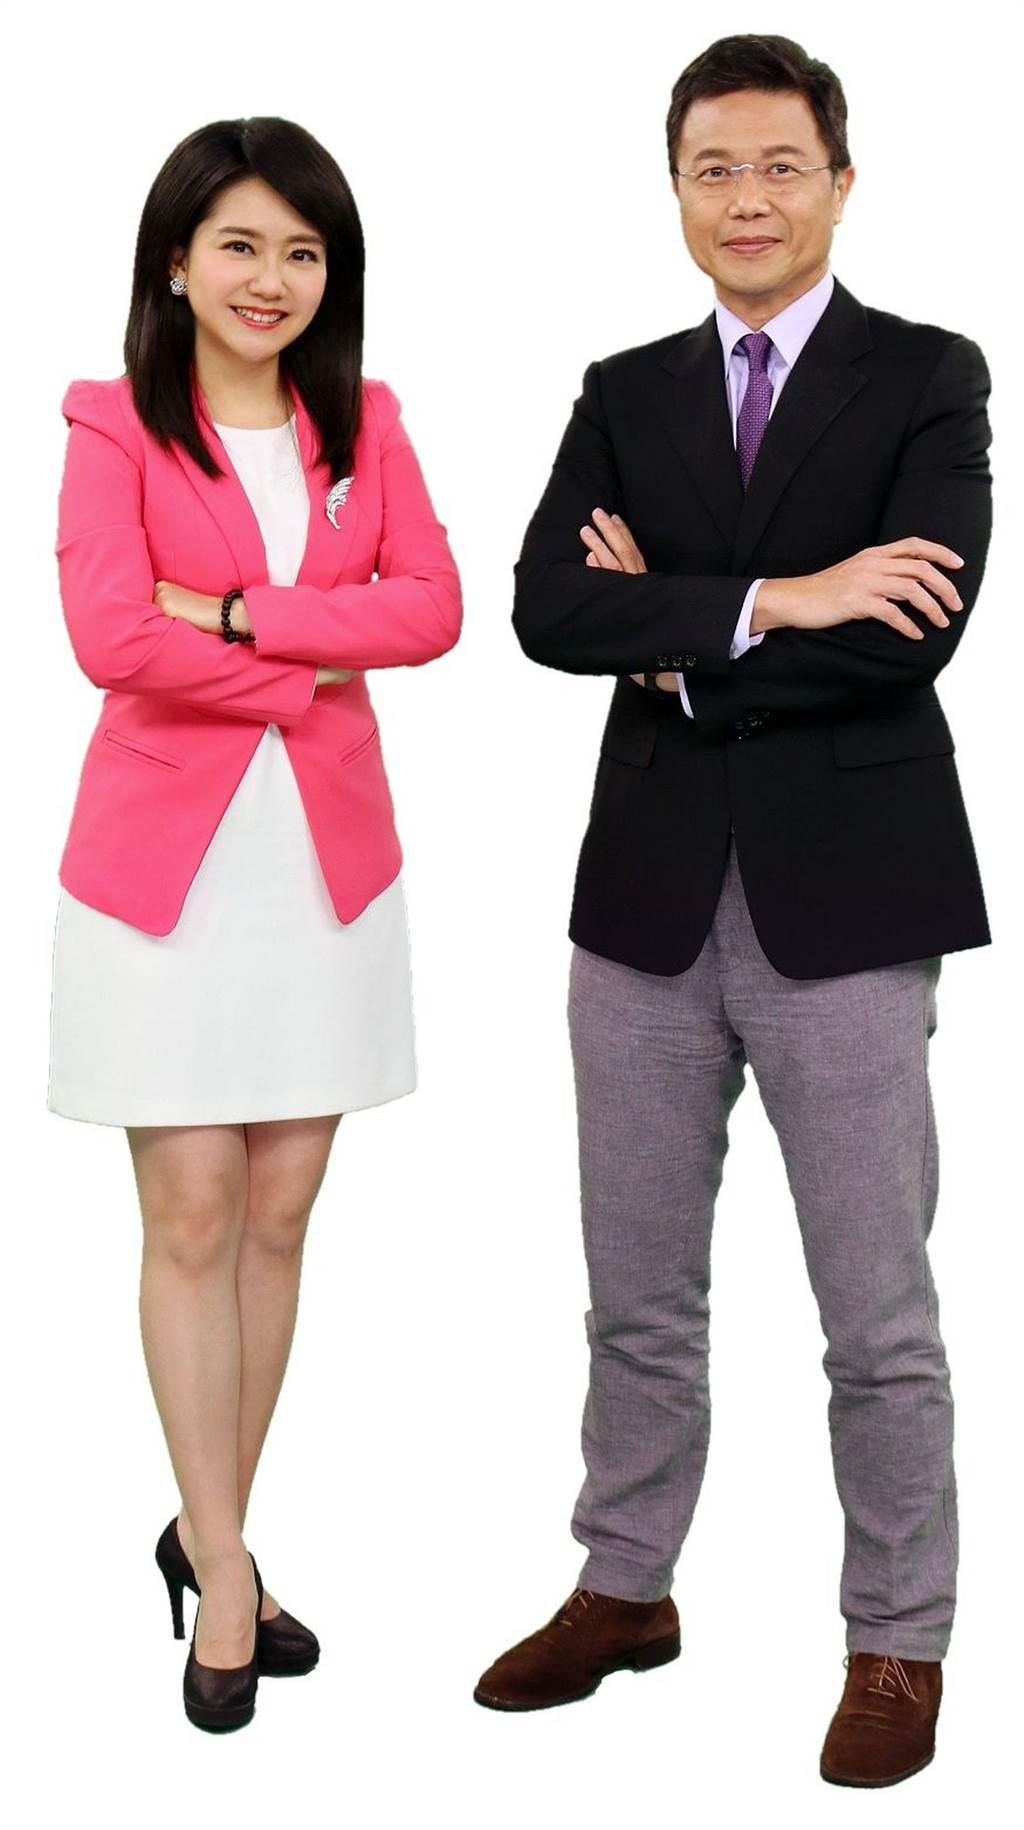 中視主播哈遠儀、梅聖旻1月11日下午3點坐鎮中視報導選情。(中天提供)